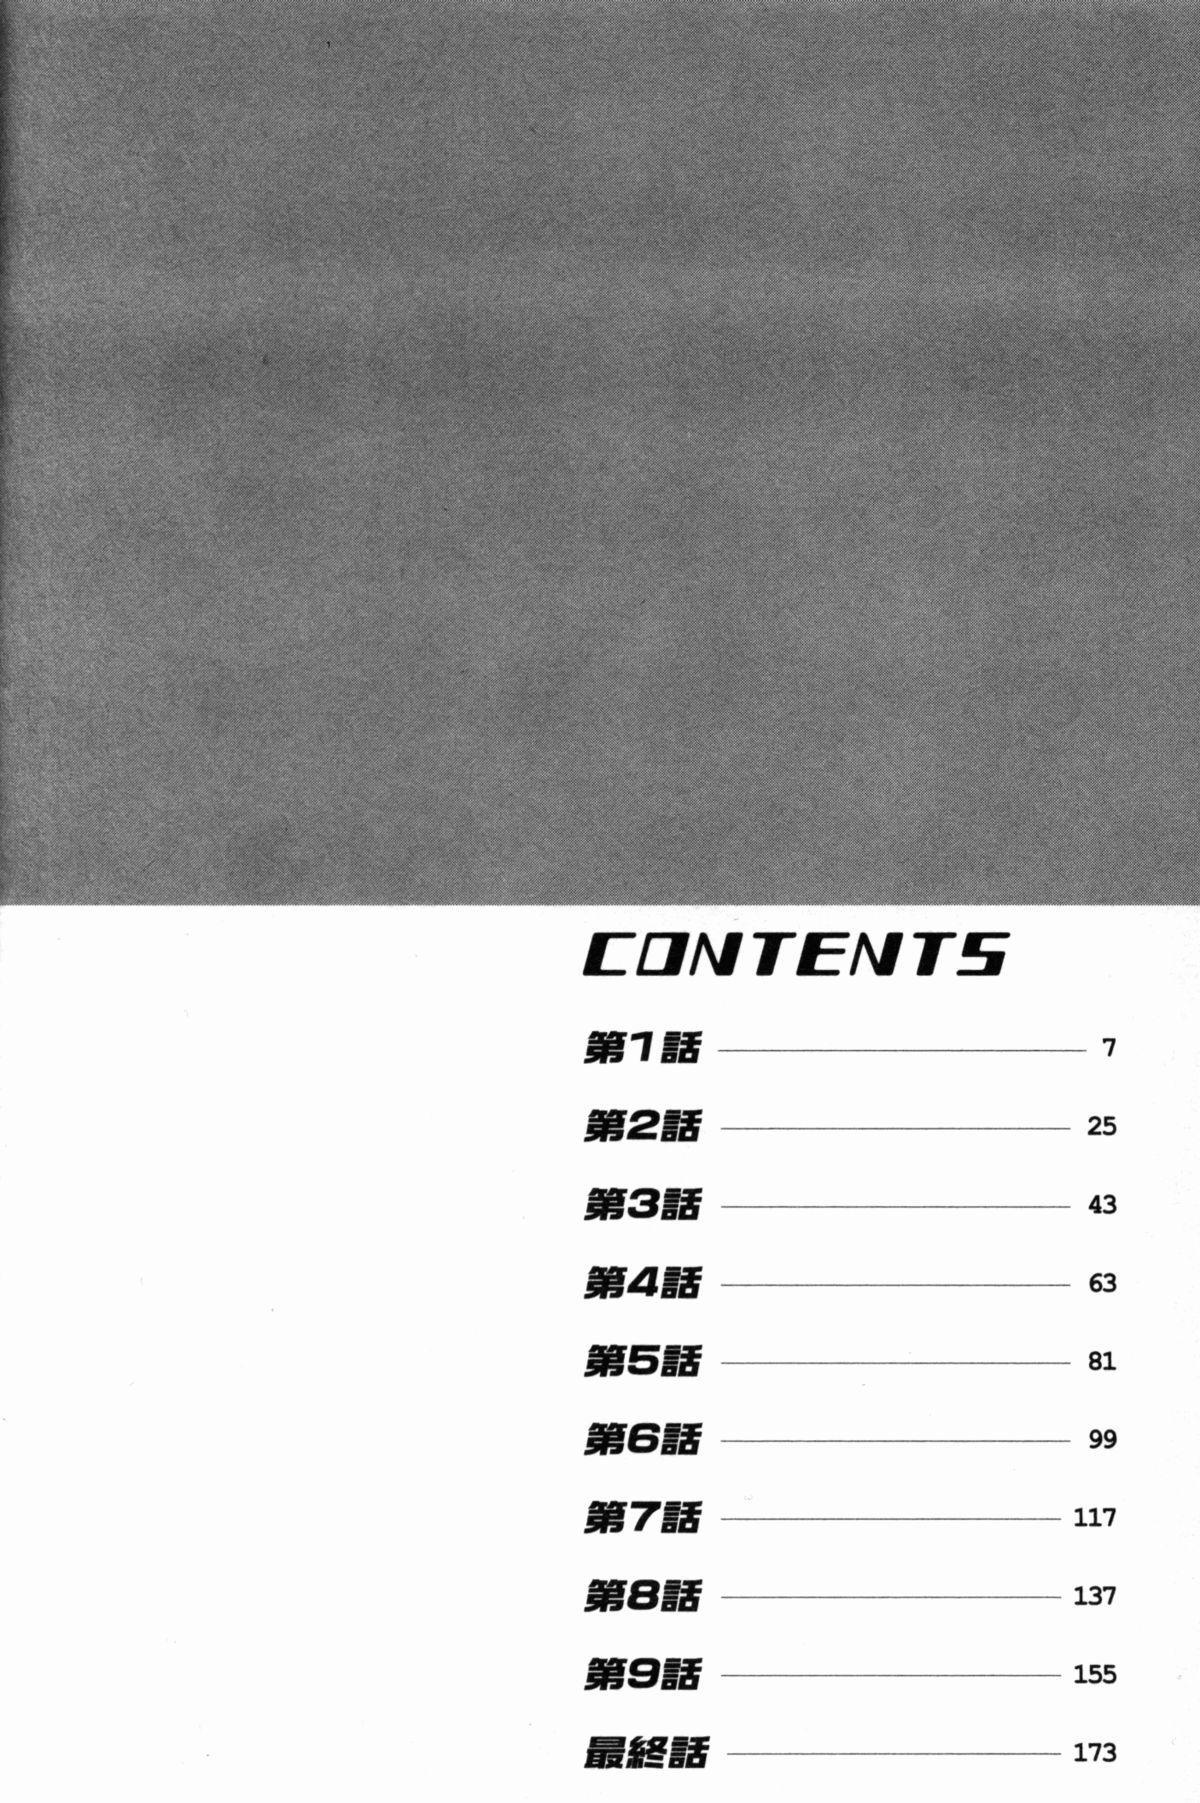 [Hara Shigeyuki] Ikenai Access -Yaritai Site 3- Ch. 1, 6 [English] [desudesu] 2